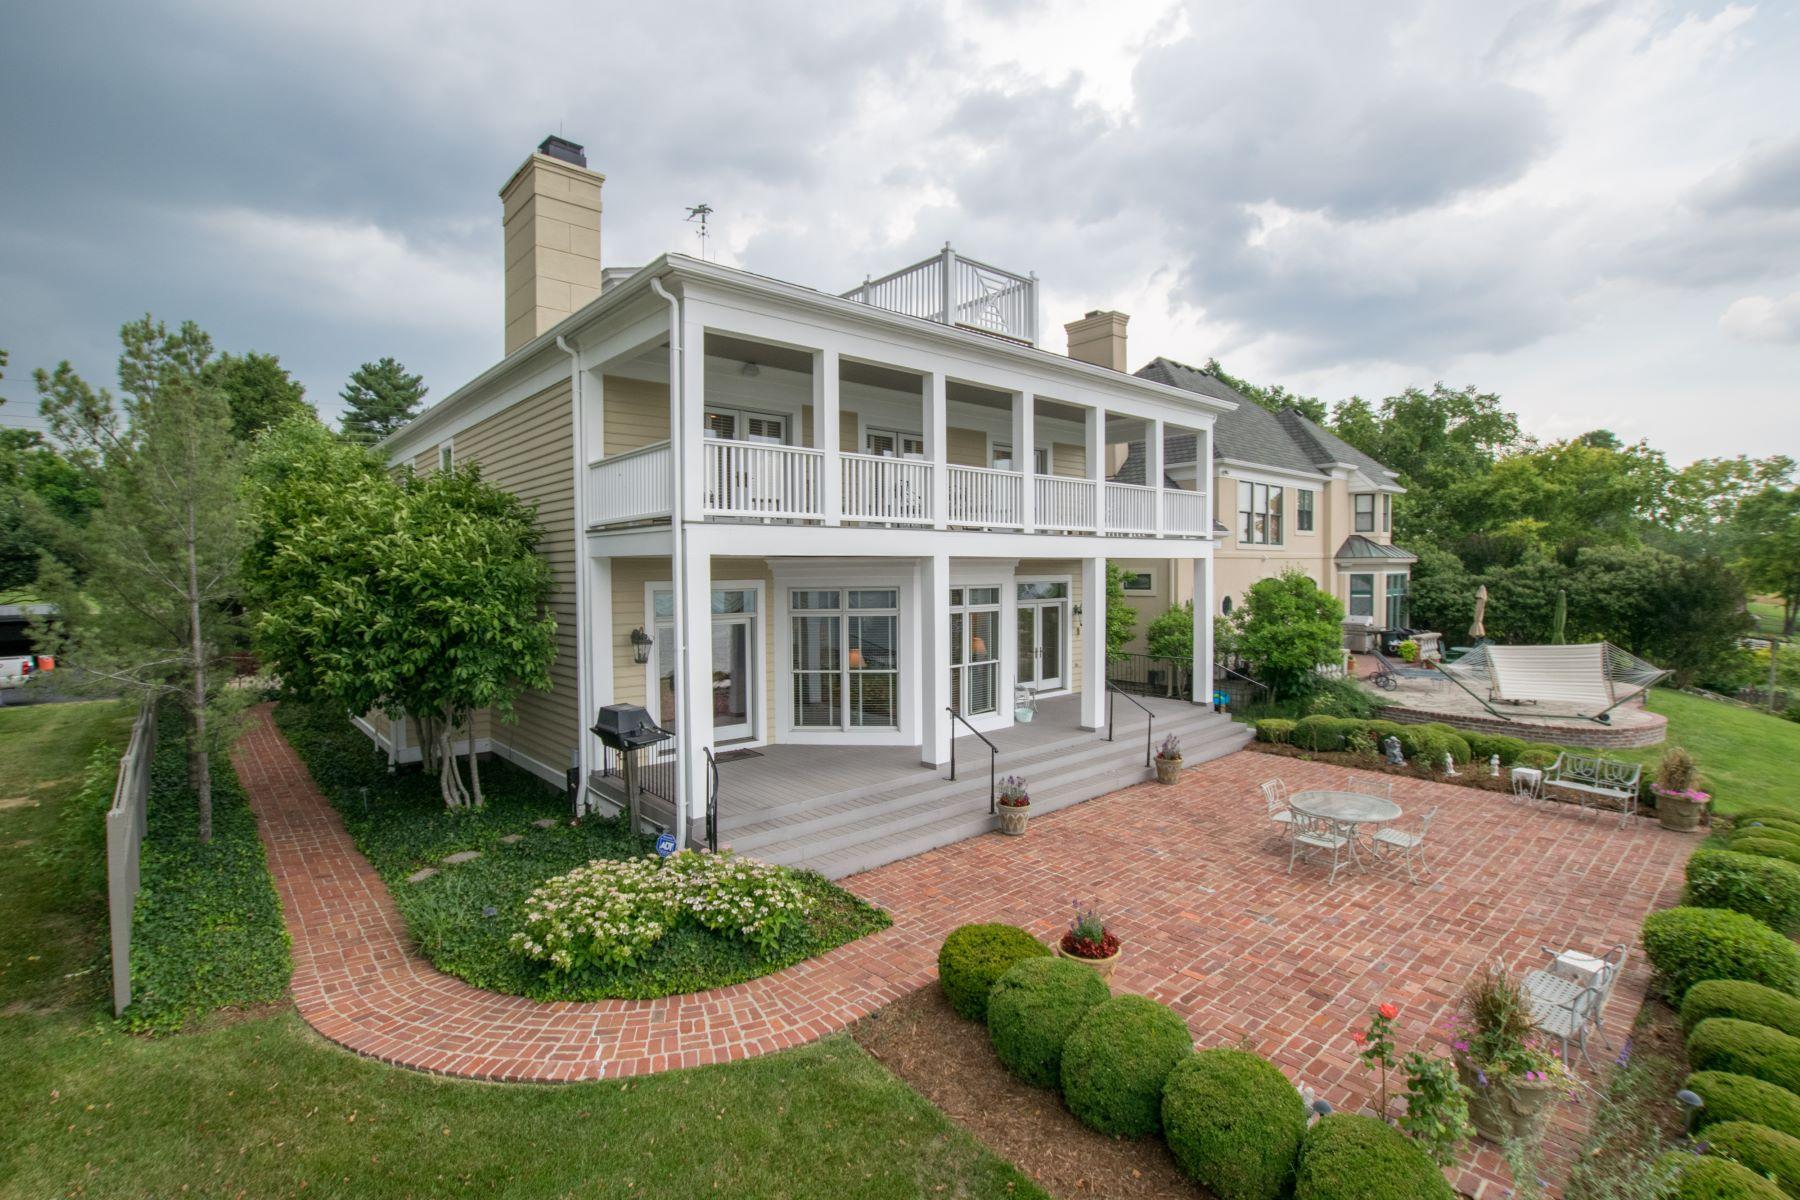 Maison unifamiliale pour l Vente à 2200.25 Utica Pike Jeffersonville, Indiana, 47130 États-Unis